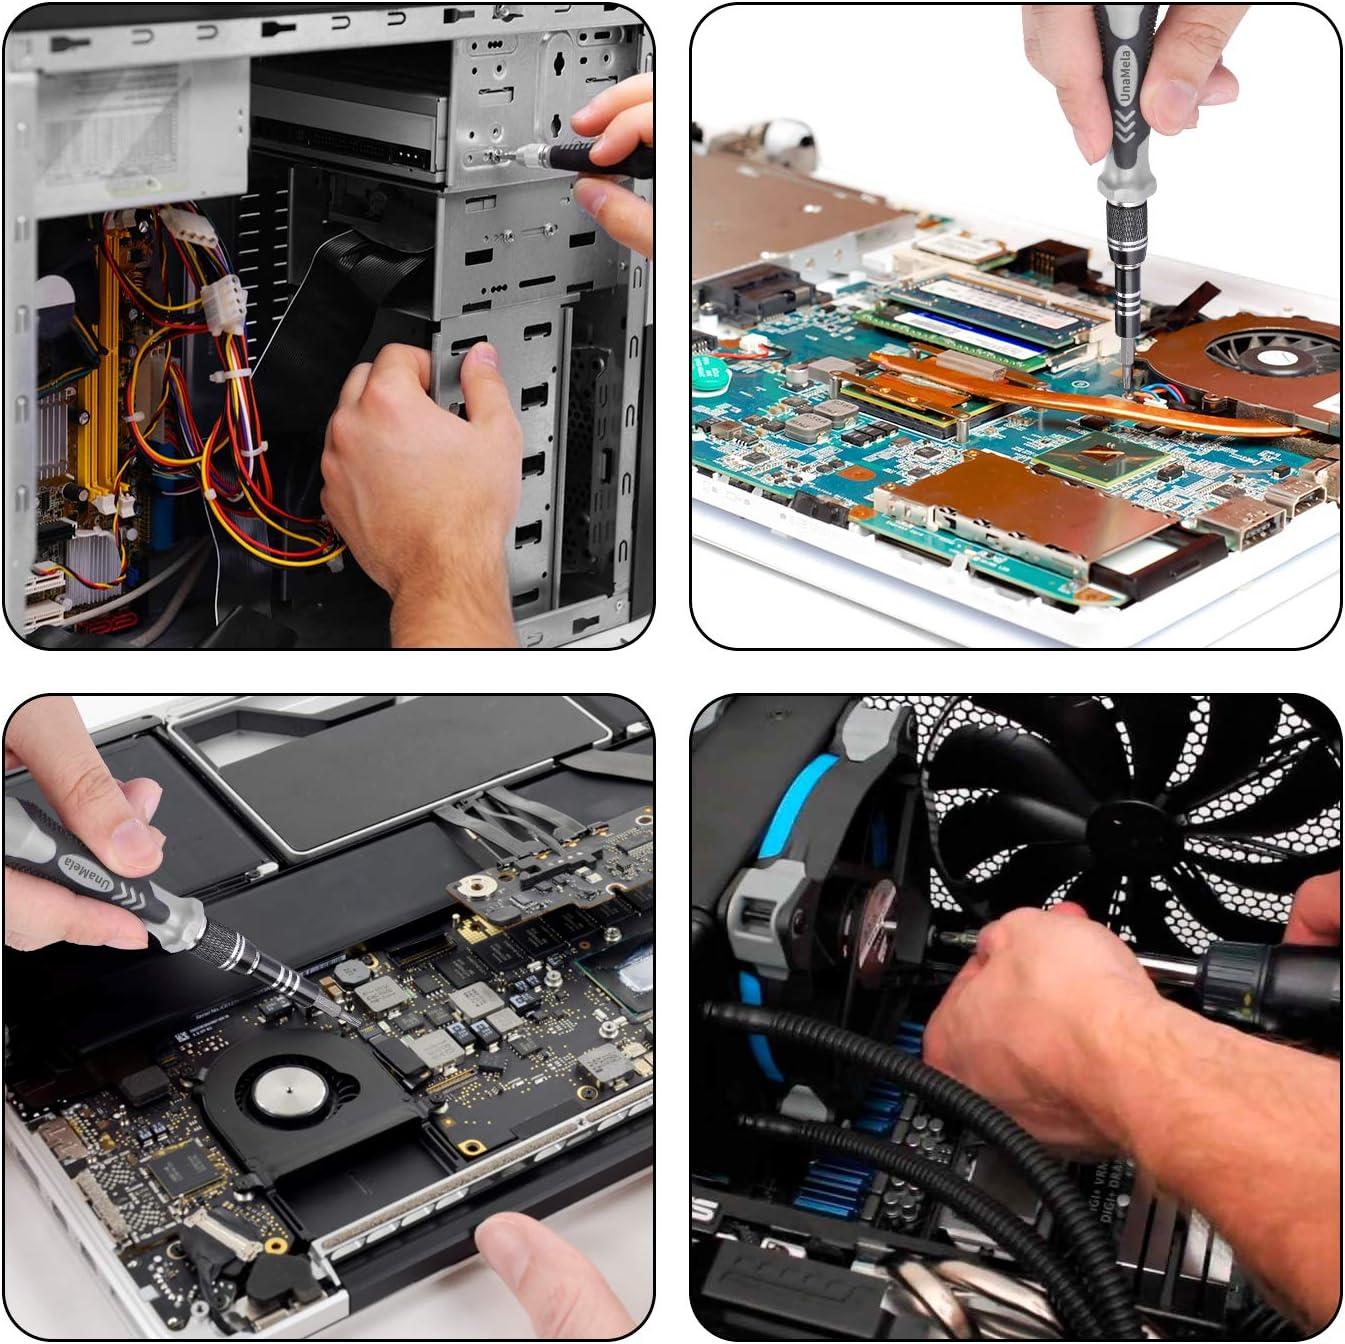 with 101 Magnetic Bit and 21 Practical Repair Tools 122 in 1 Professional Laptop Repair Screwdriver Set Xbox Controller Repair Suitable for MacBook Precision PC Computer Repair Kit PS4 Tablet